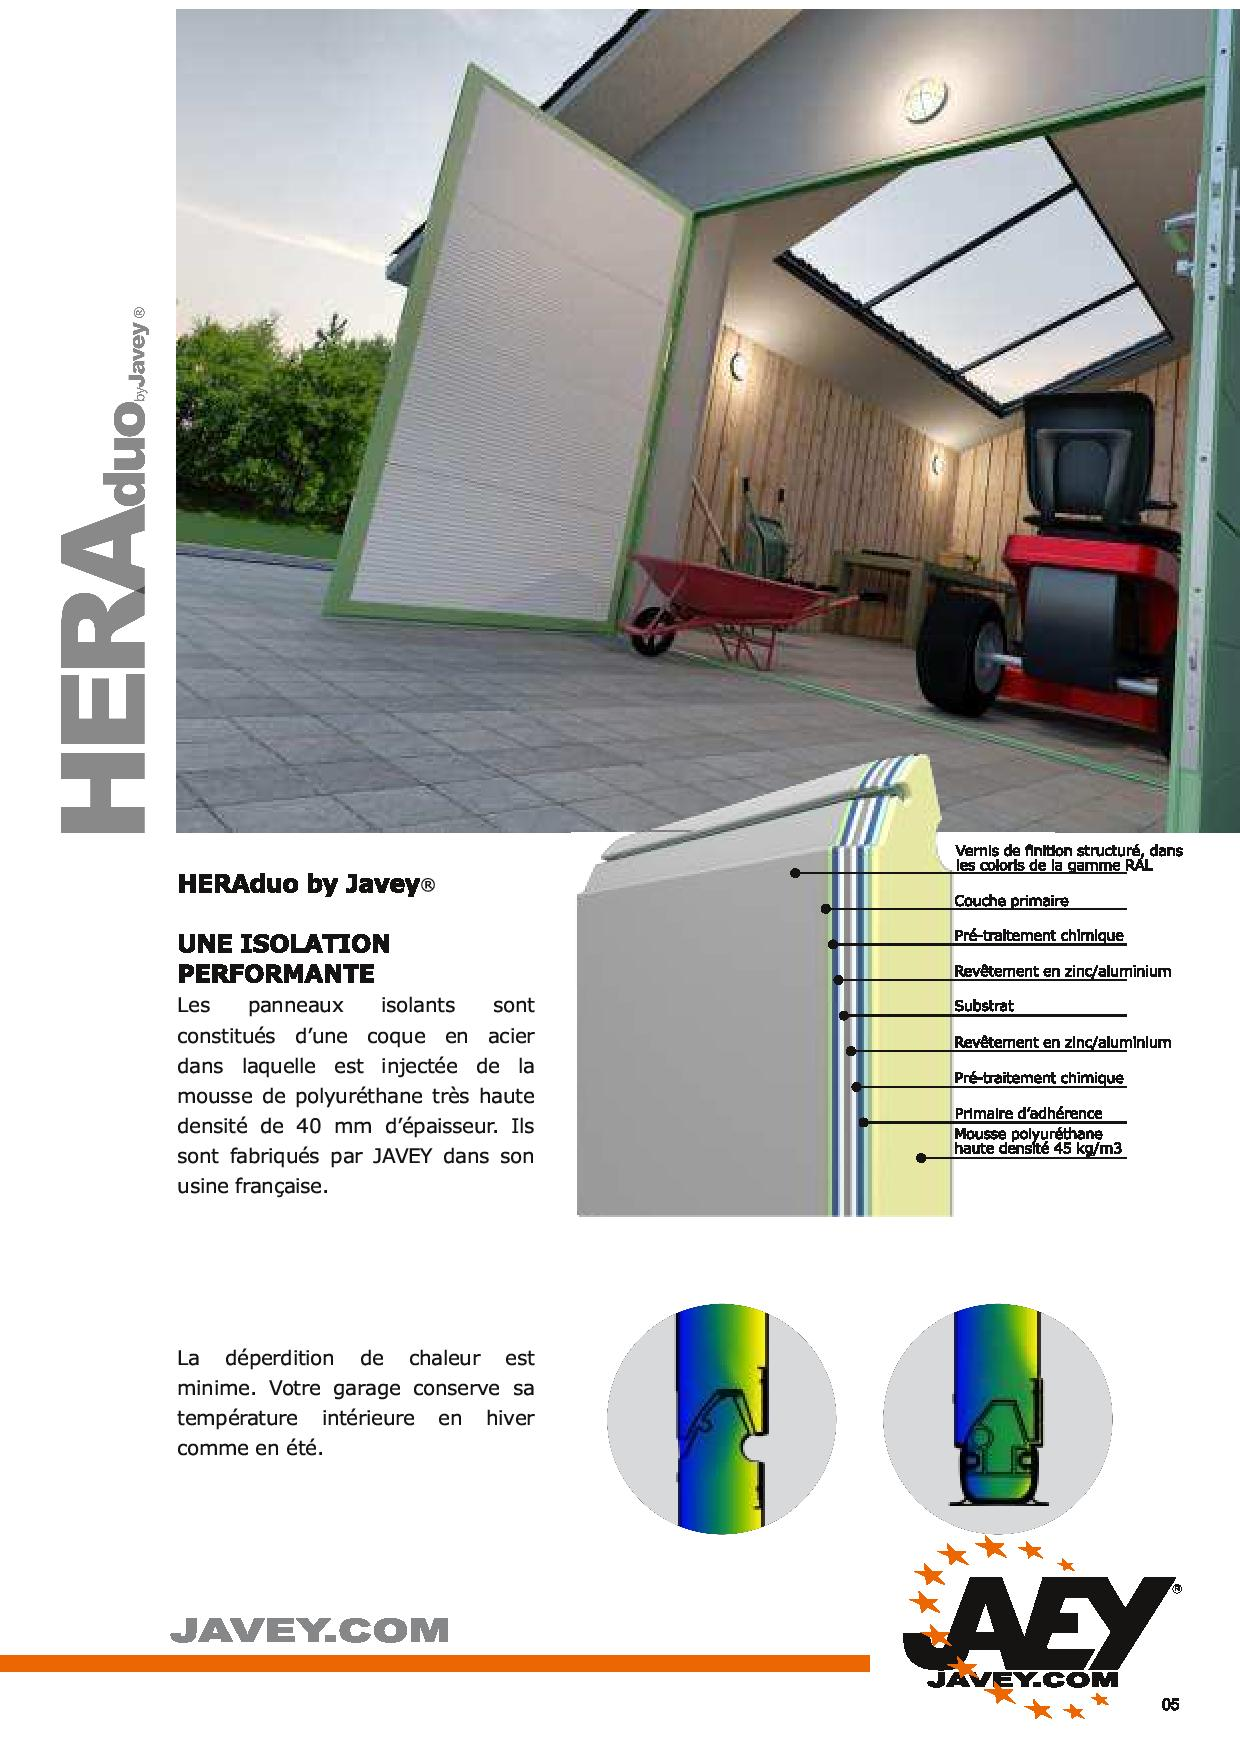 catalogue-Hera-Javey-page-005